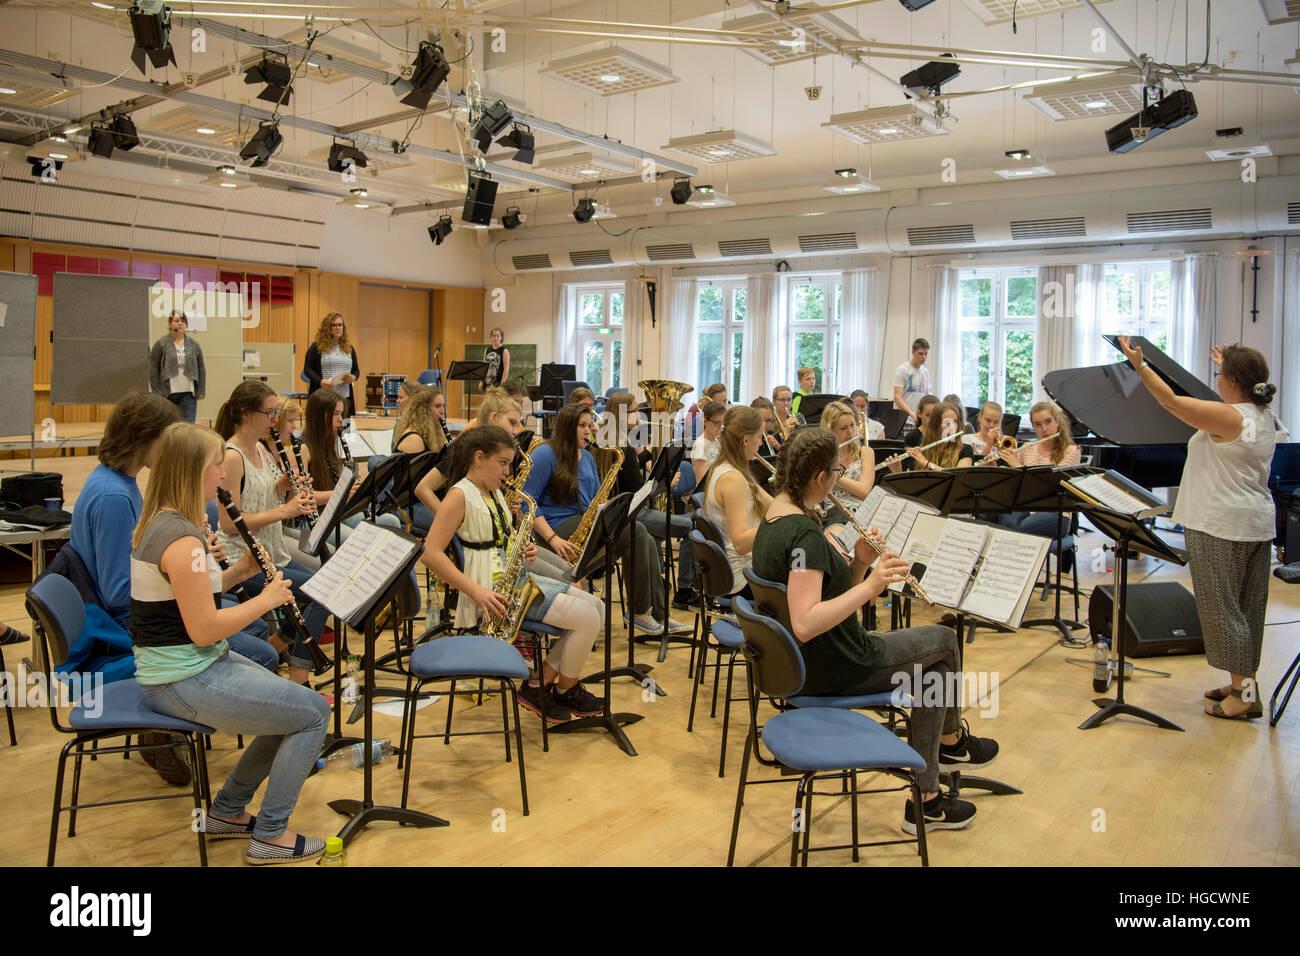 Deutschland, Nordrhein-Westfalen, Kreis Borken, Heek-Nienborg, Landesmusikakademie NRW (LMA), Probebetrieb im Konzertsaal - Stock Image